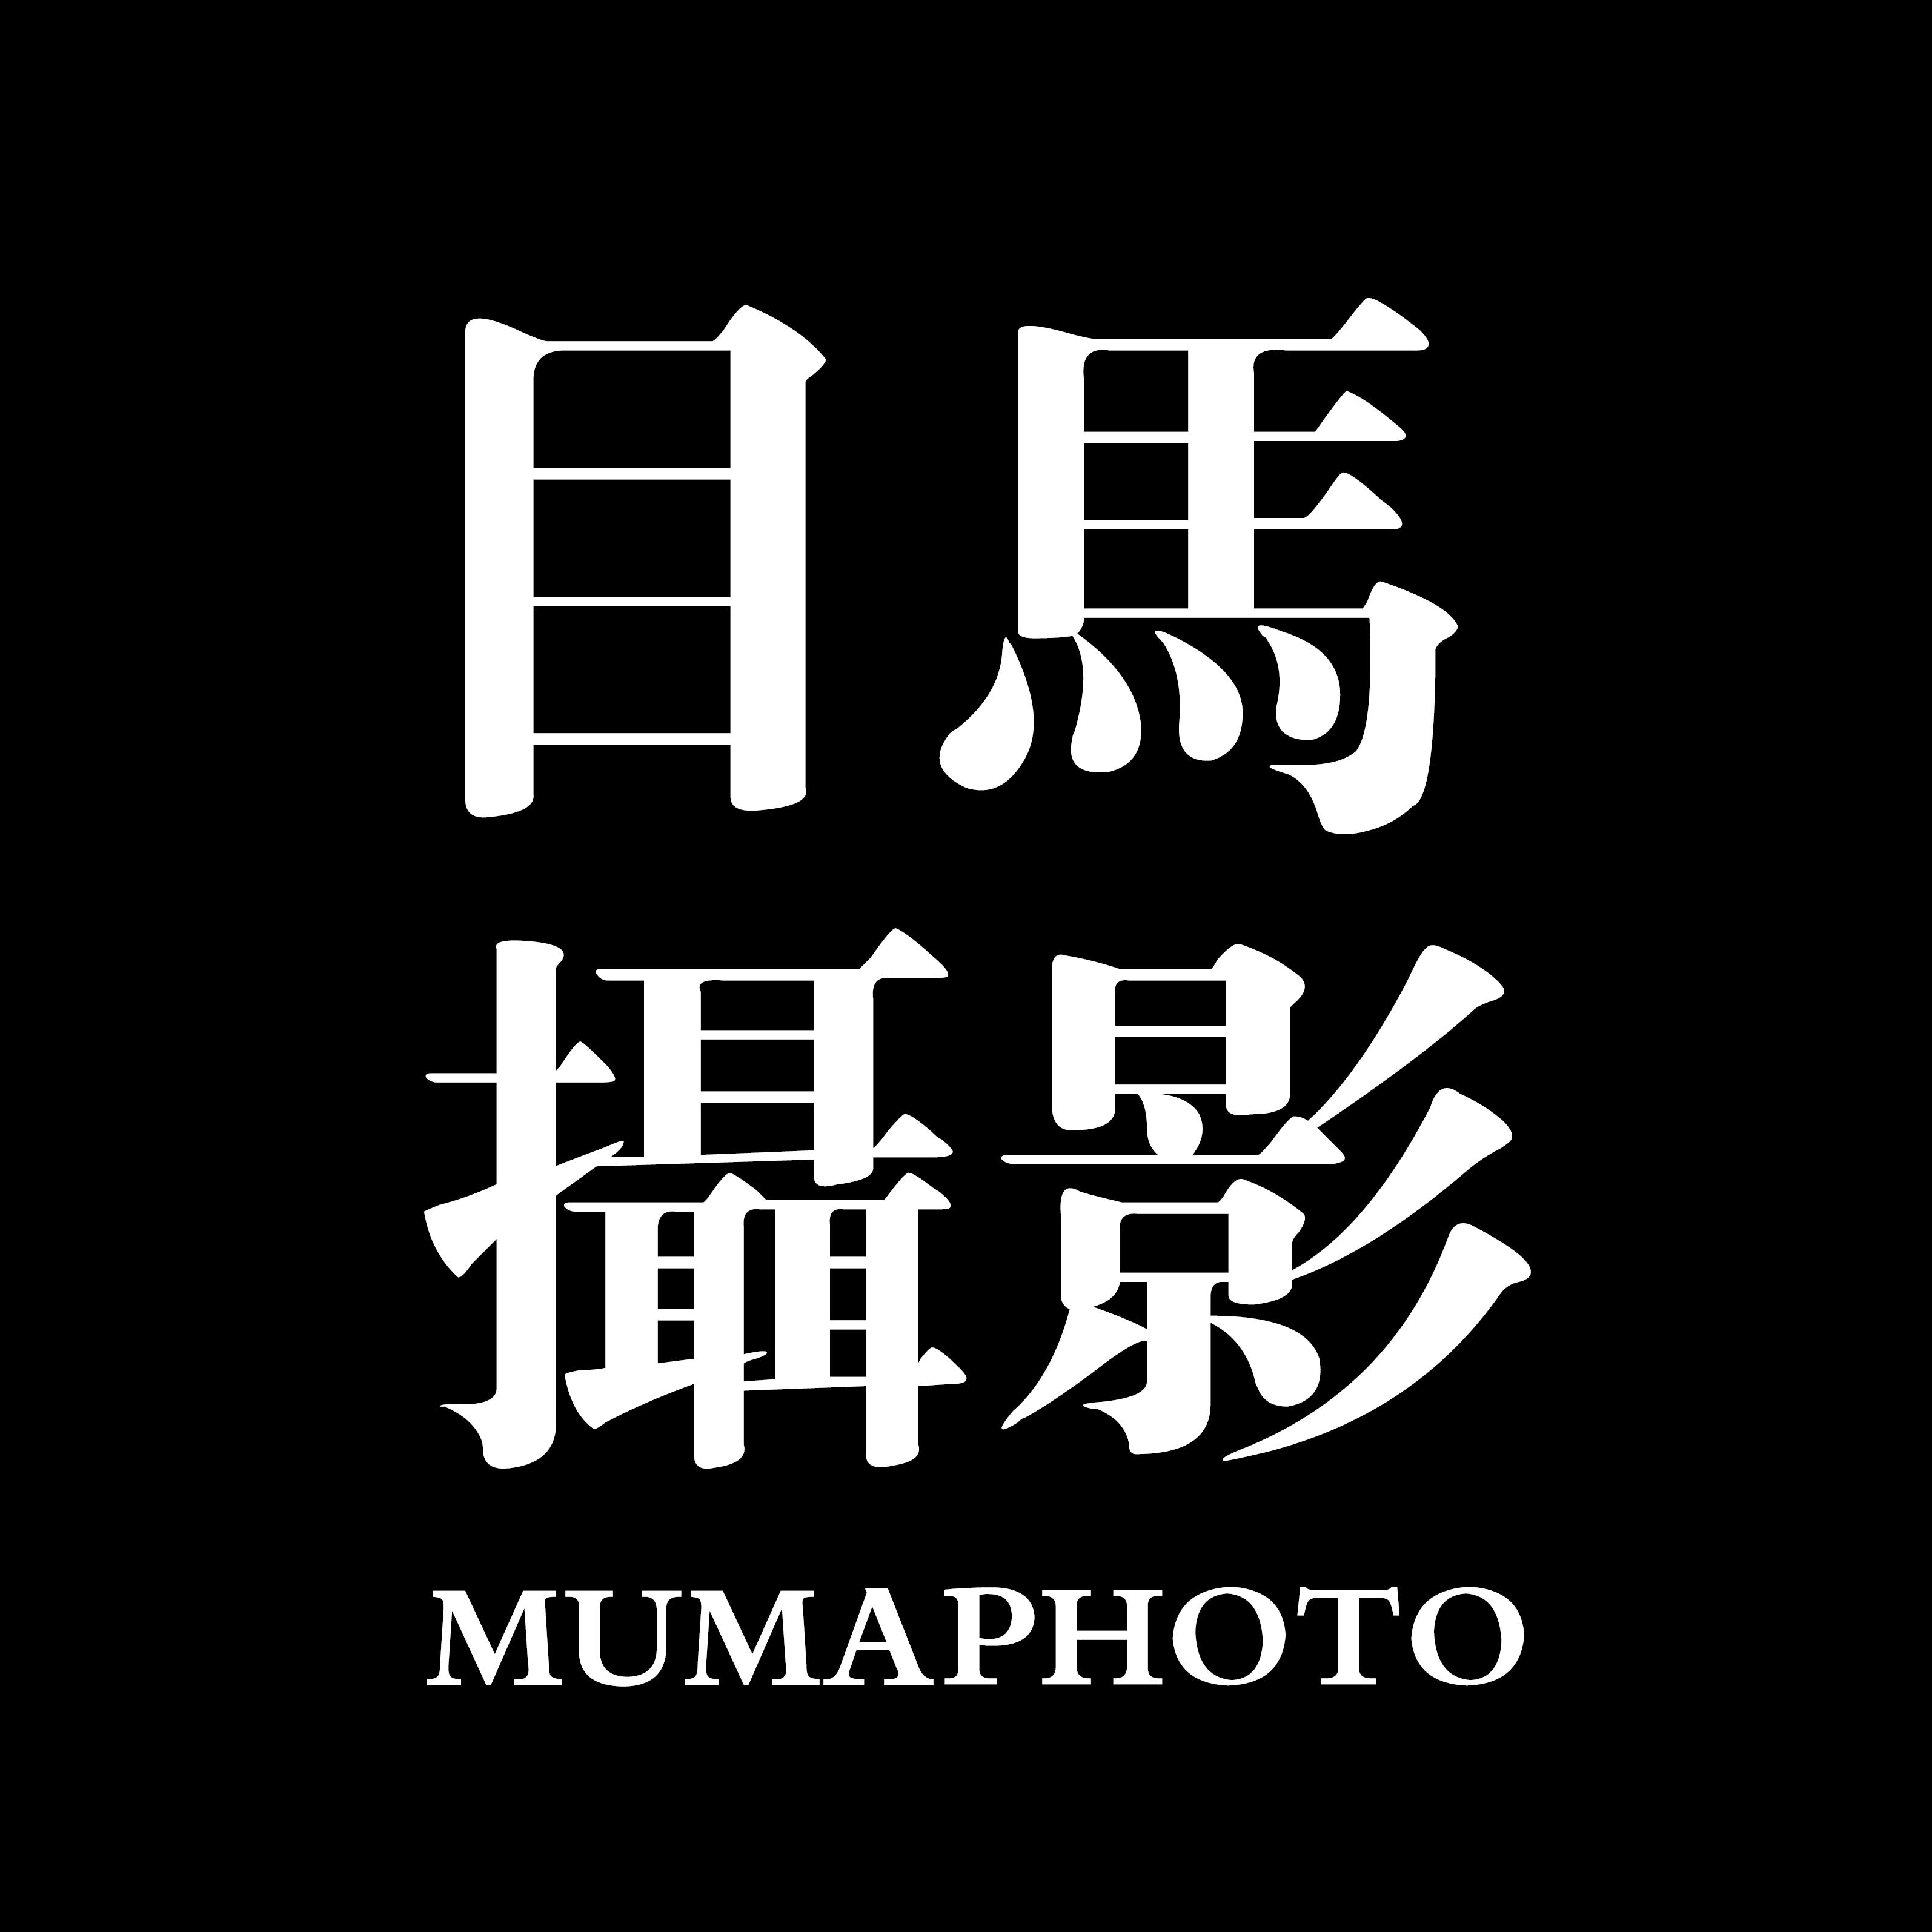 目马摄影工作室